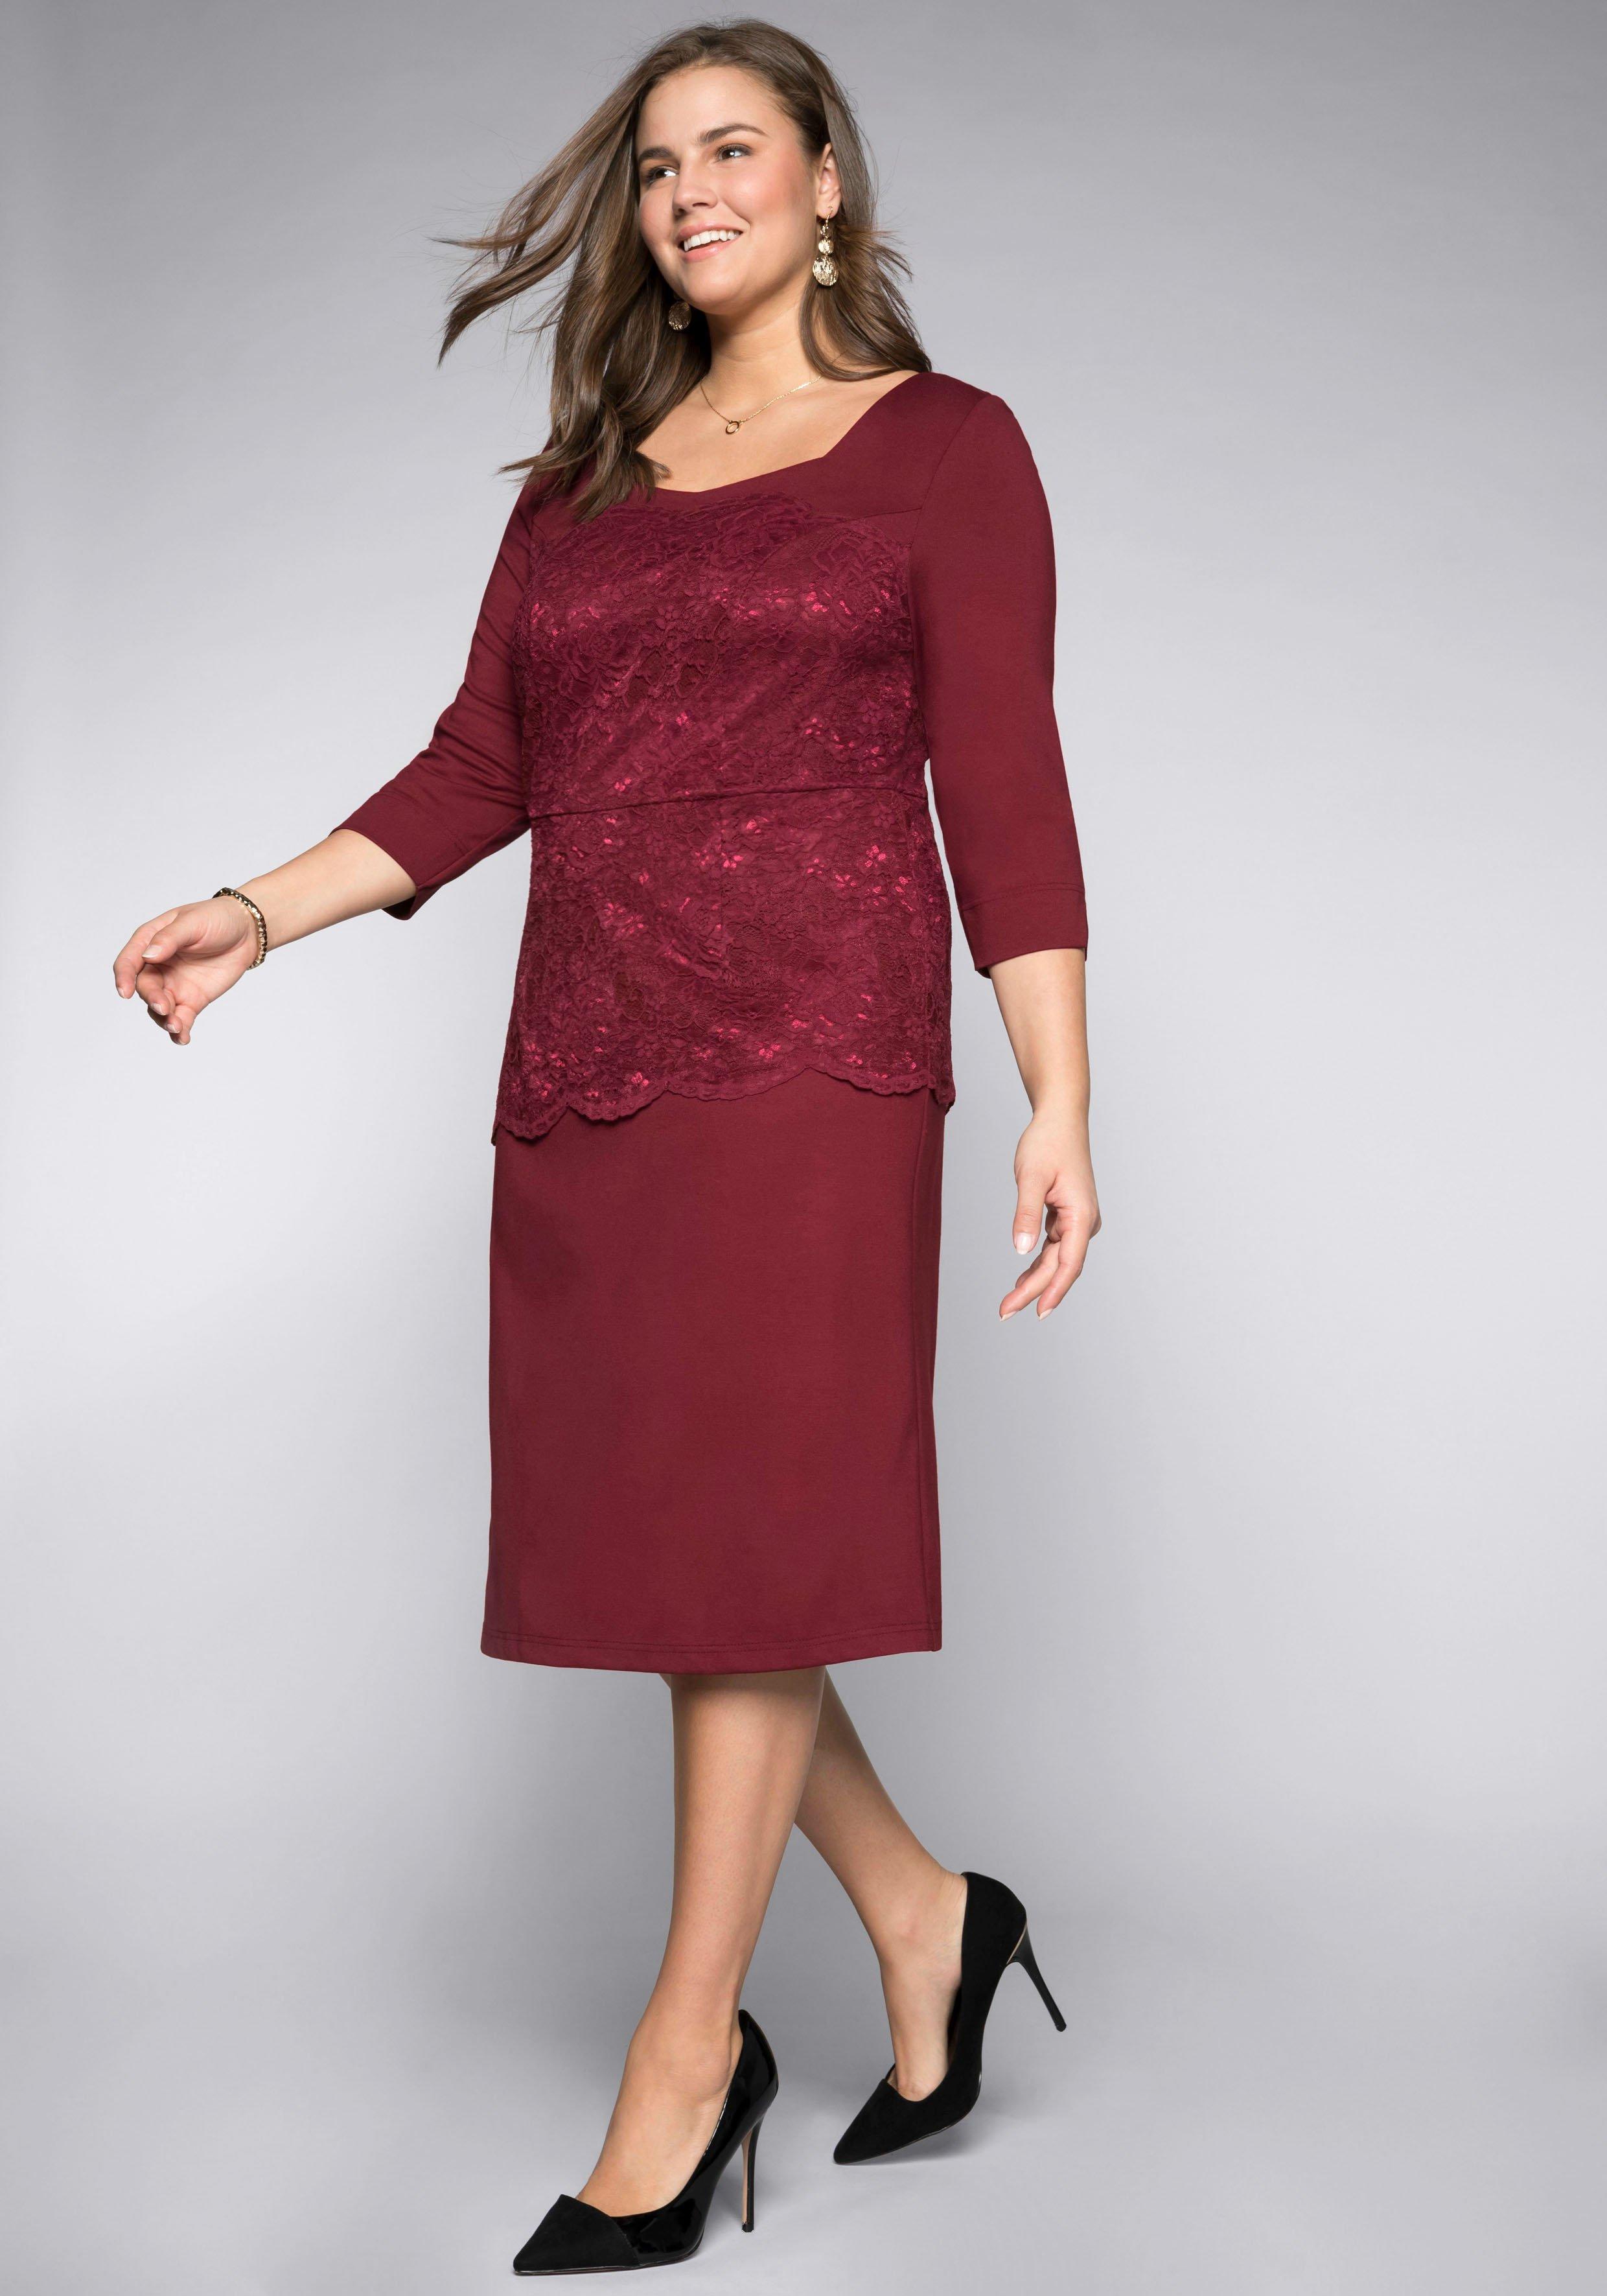 69bd644cd6e88 Kleider große Größen | Auswahl aus 25.000 Kleidern | Wundercurves